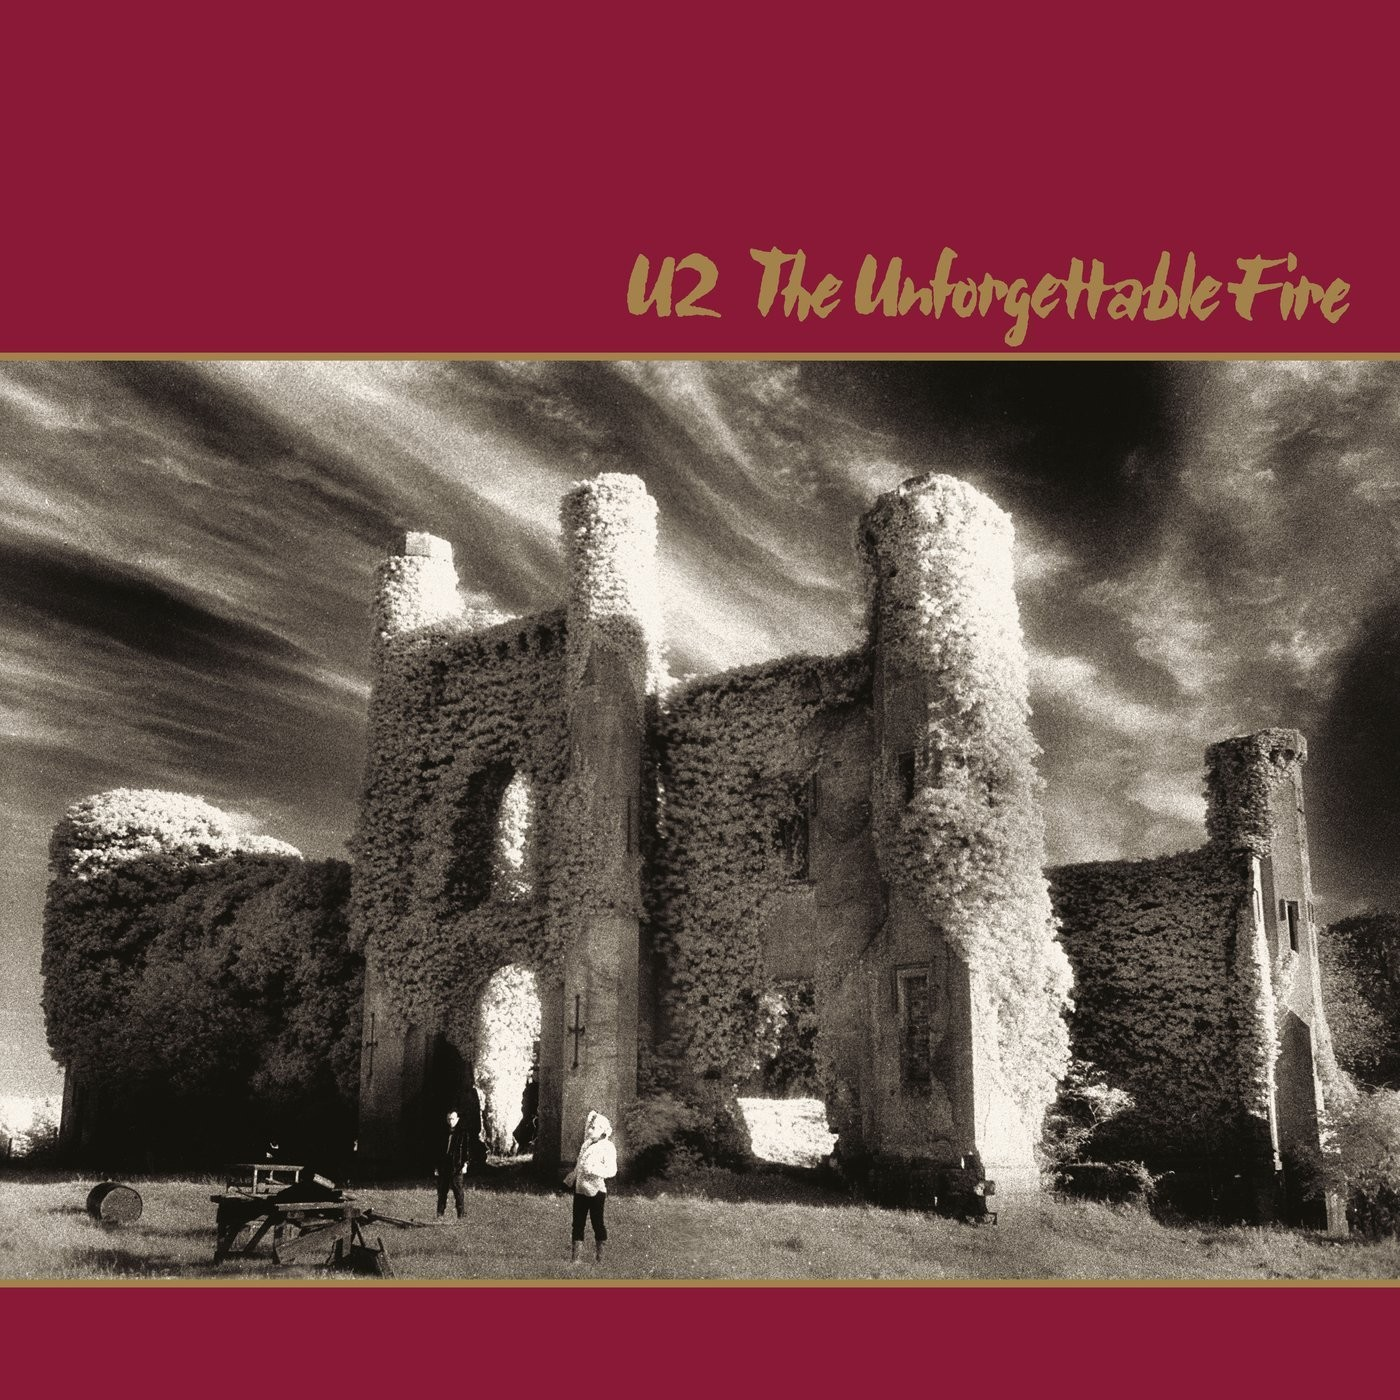 U2 - The Unforgettable Fire Vinyl LP